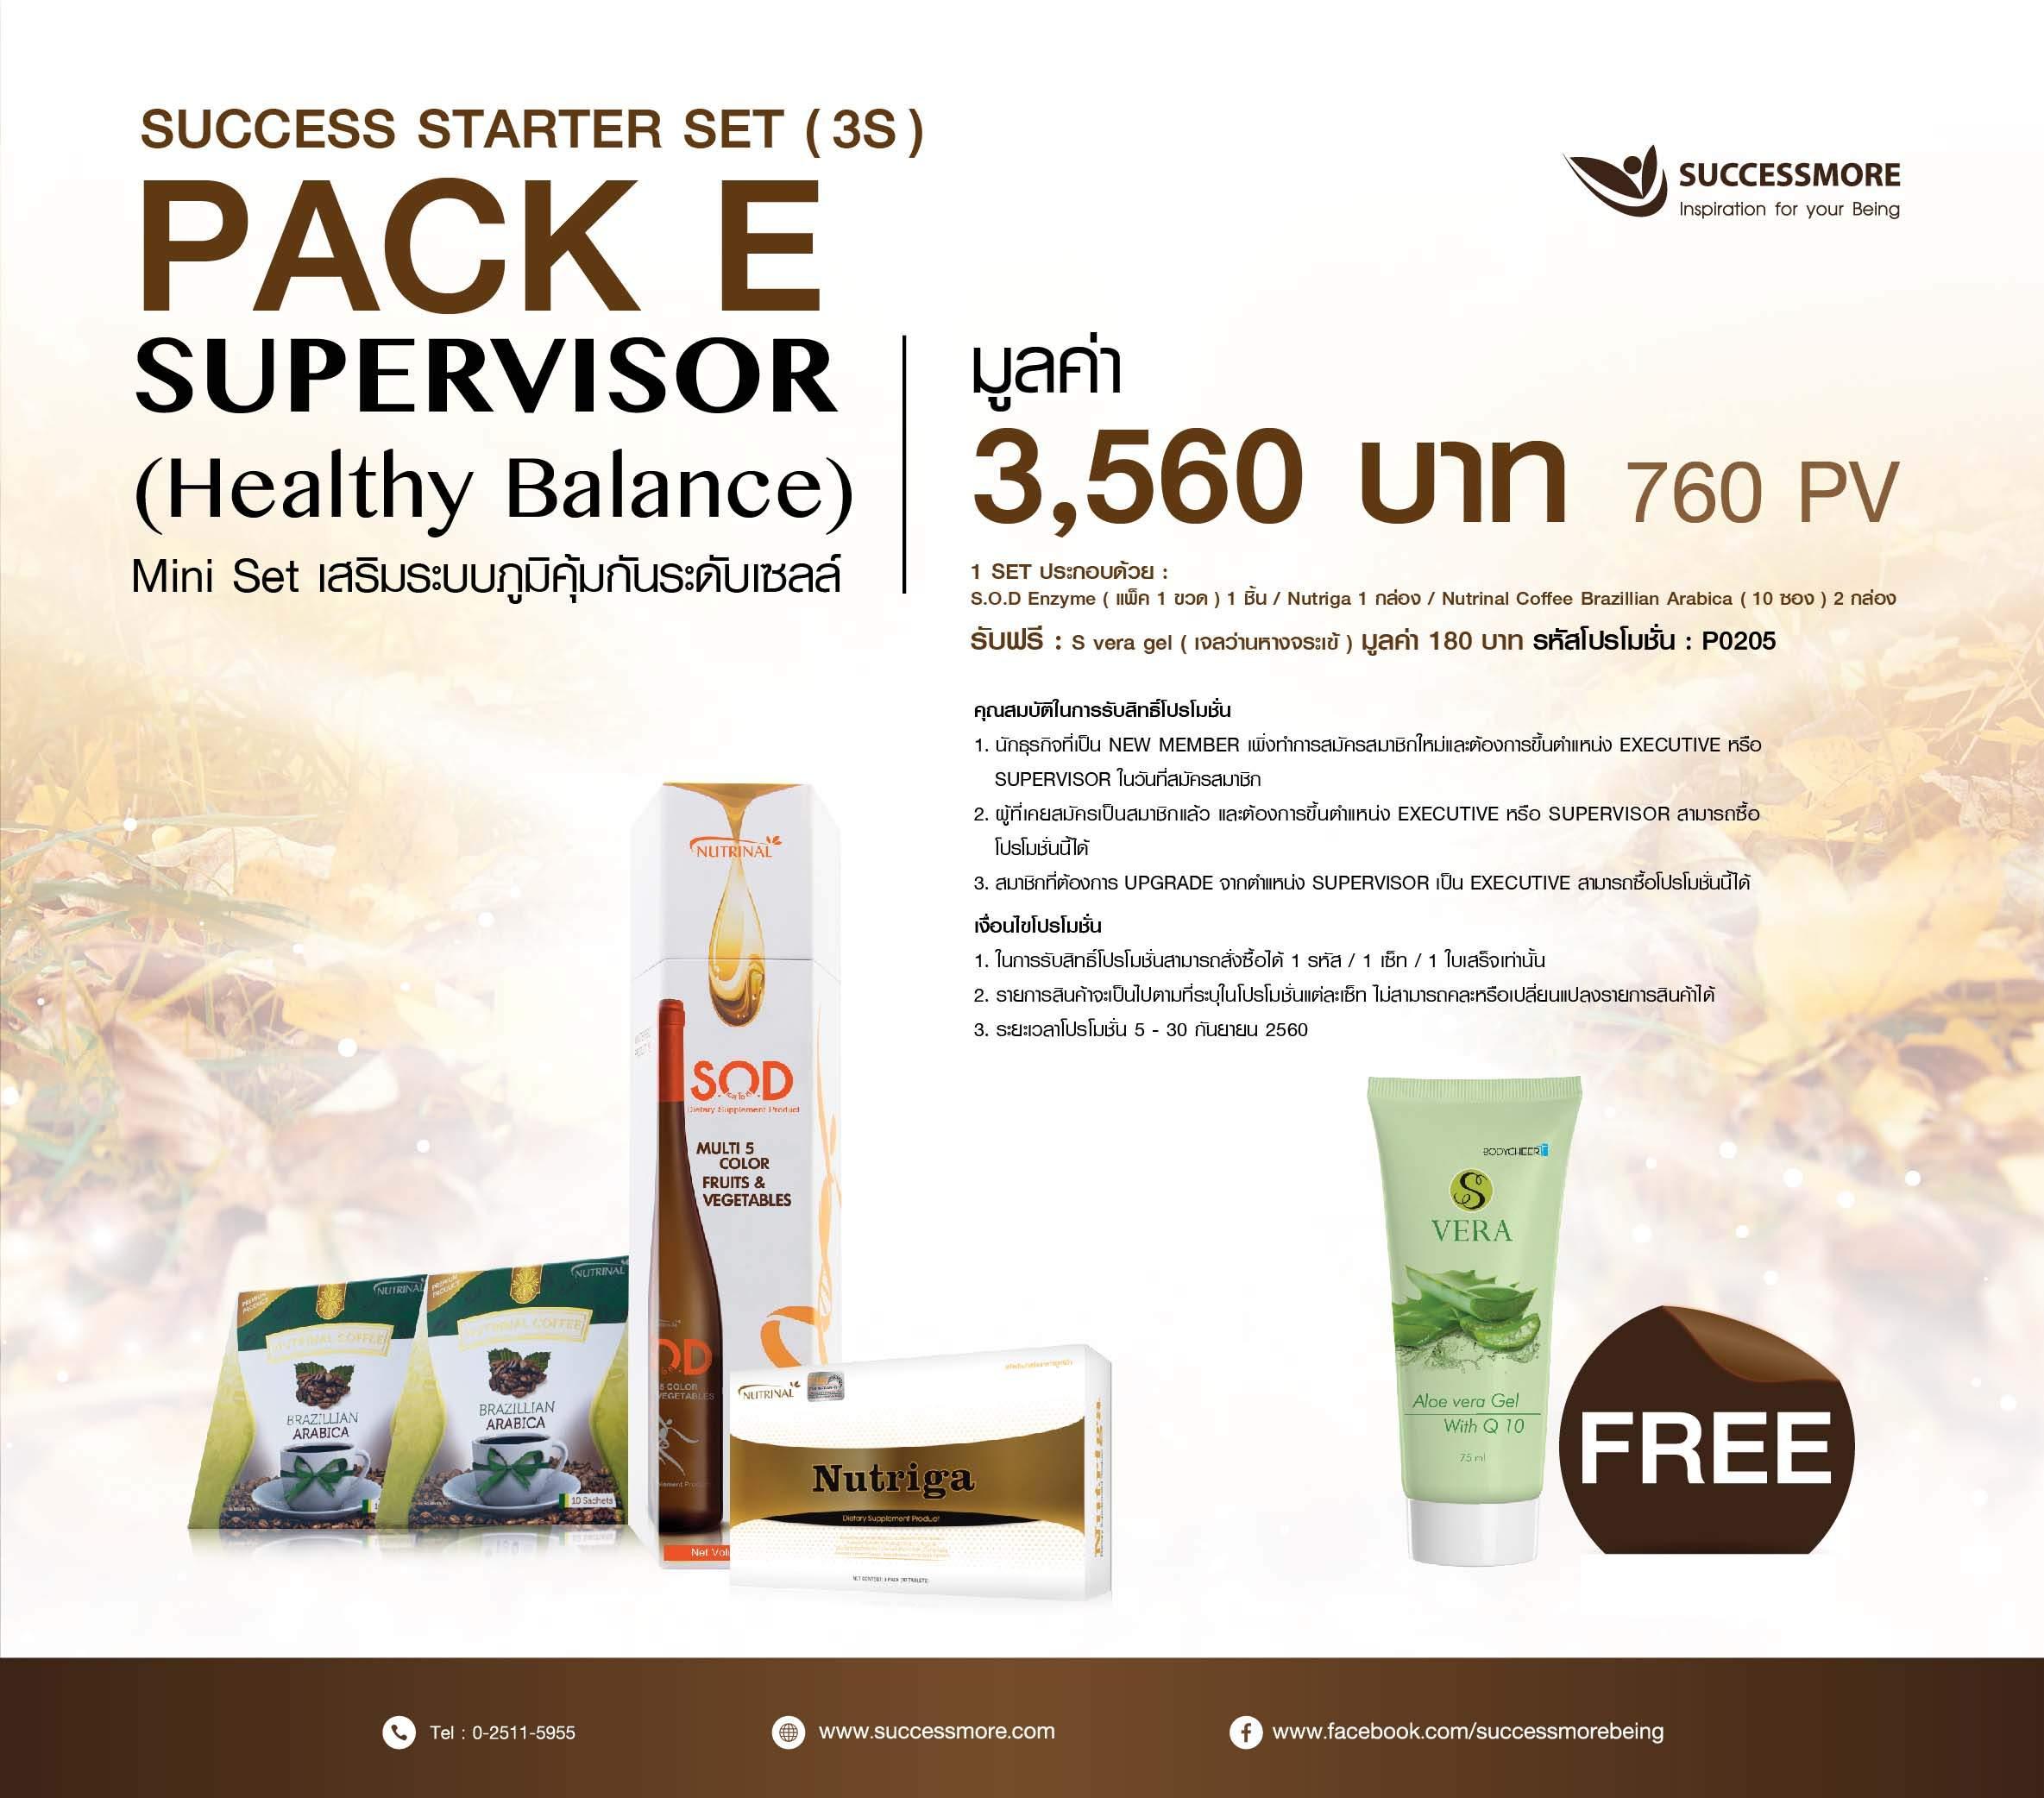 โปรโมชั่น-SUCCESSMORE-STARTER-SET-3S-PACK-E